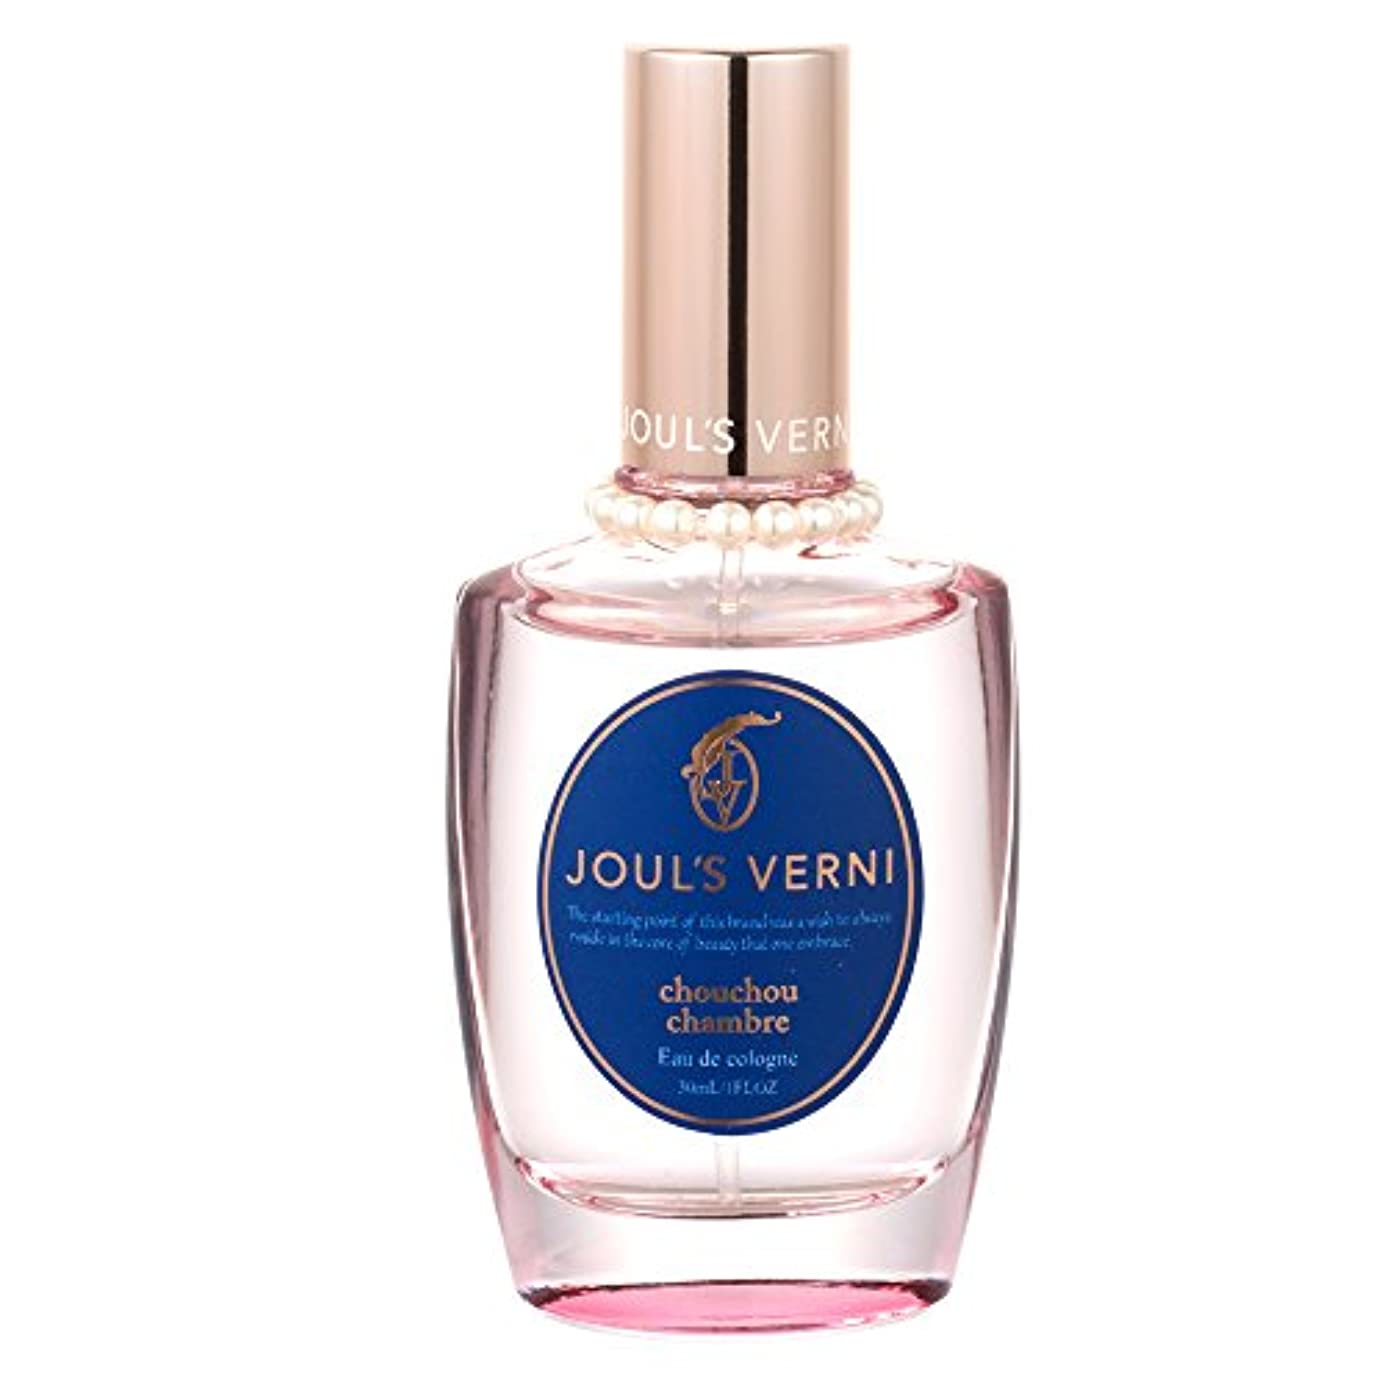 盟主十年ハンカチジュール ベルニ フレグランスミスト (オーデコロン) (シュシュ シャンブレの香り) 30ml